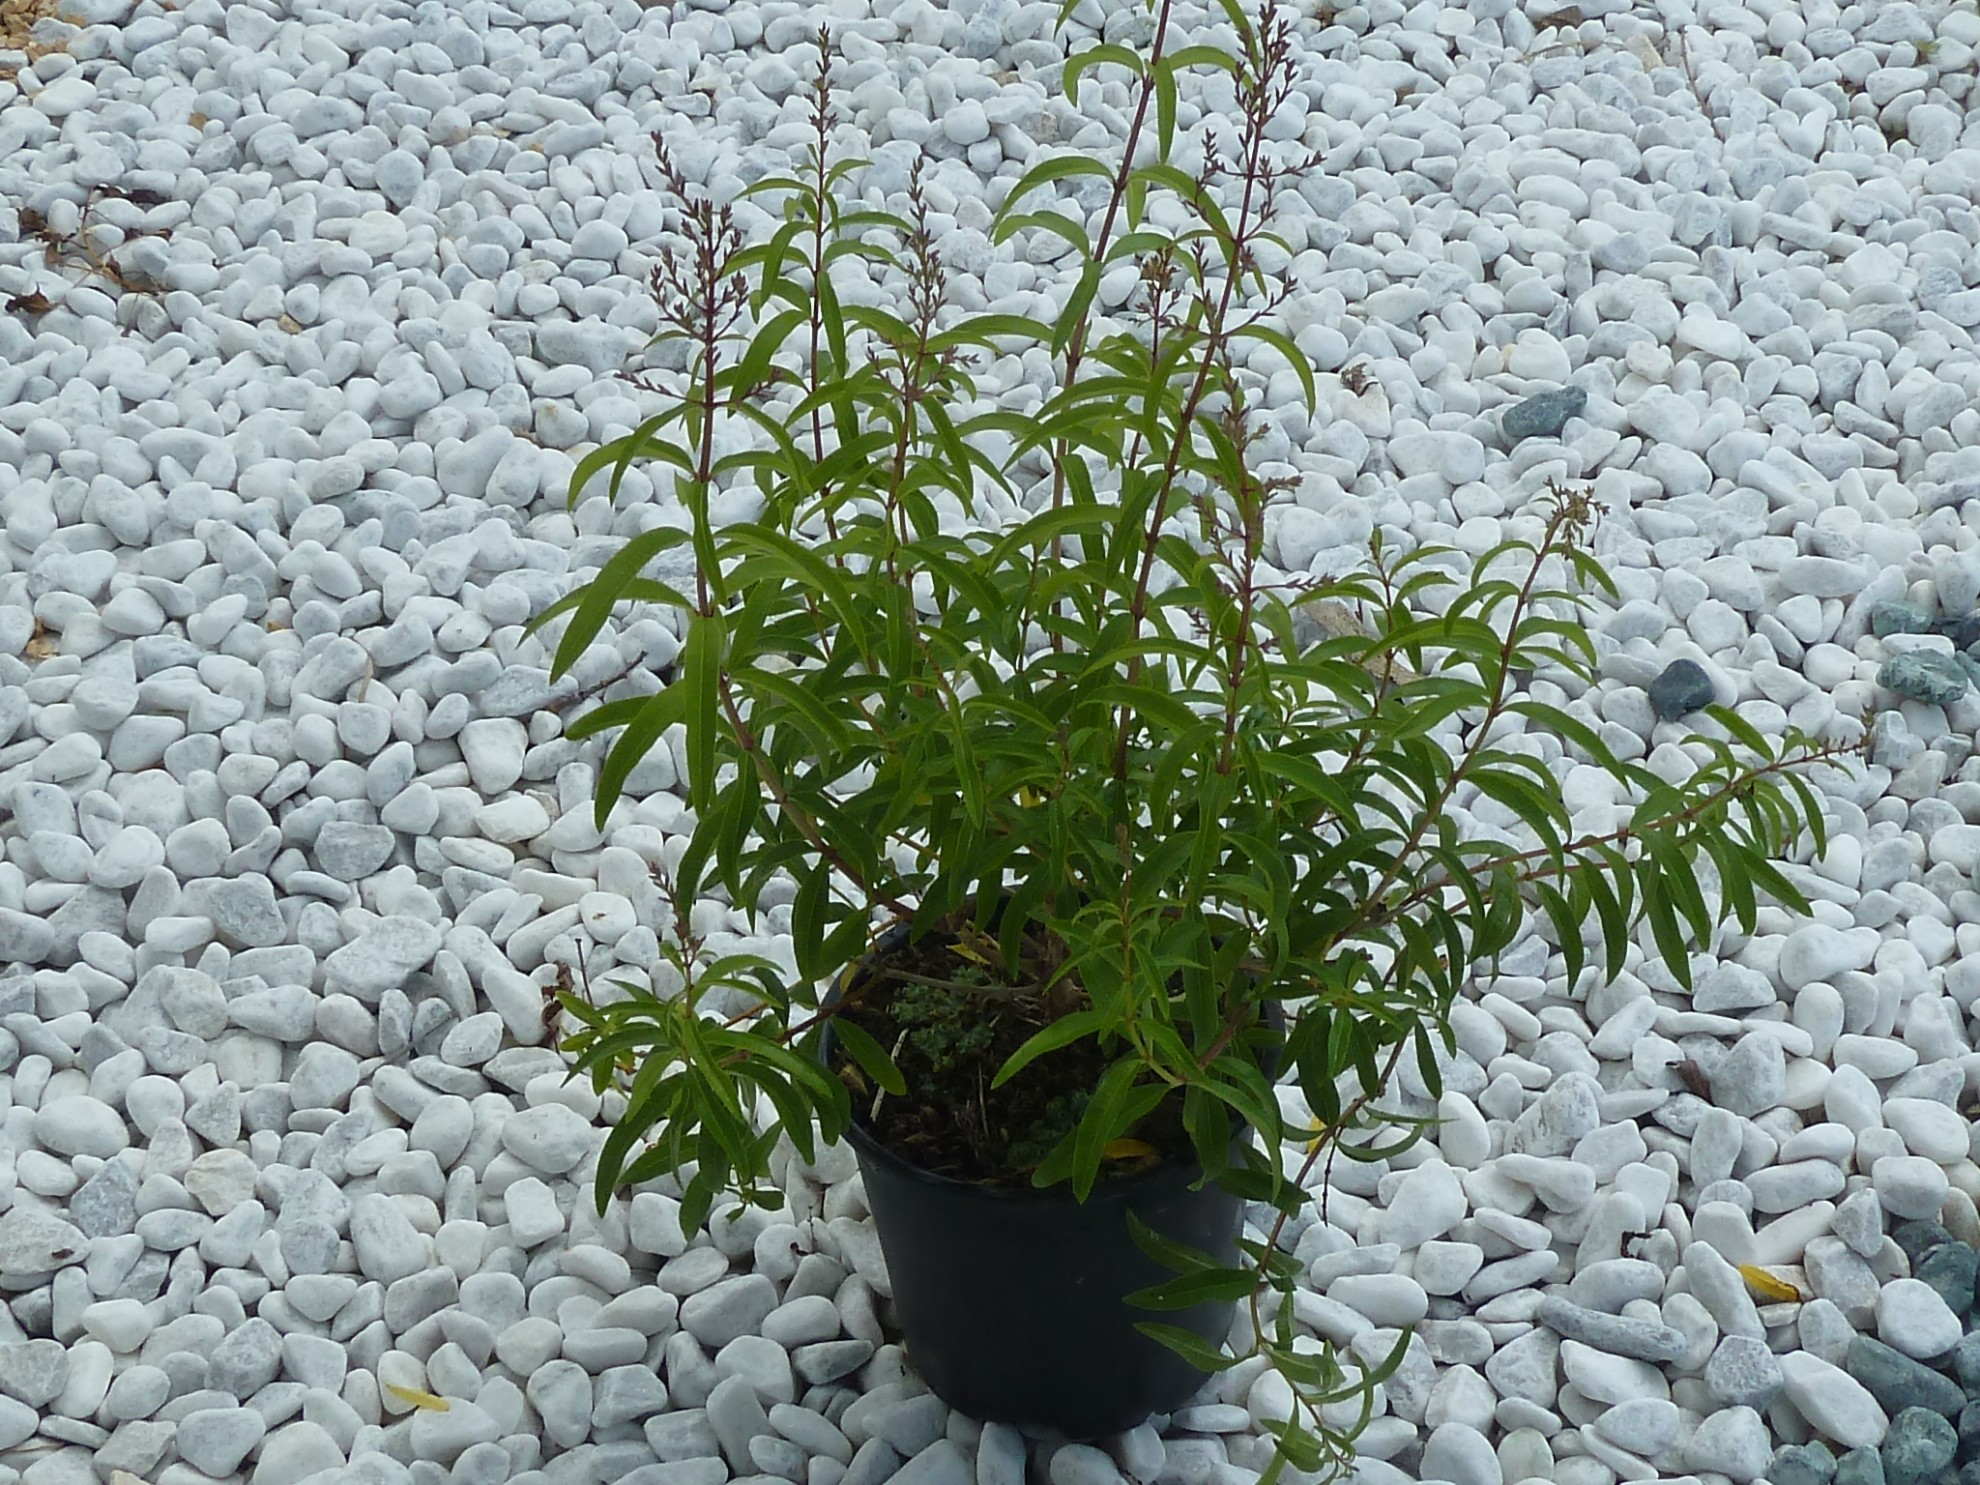 Piante Di Erba : Pianta di erba cedrina vendita online il giardino